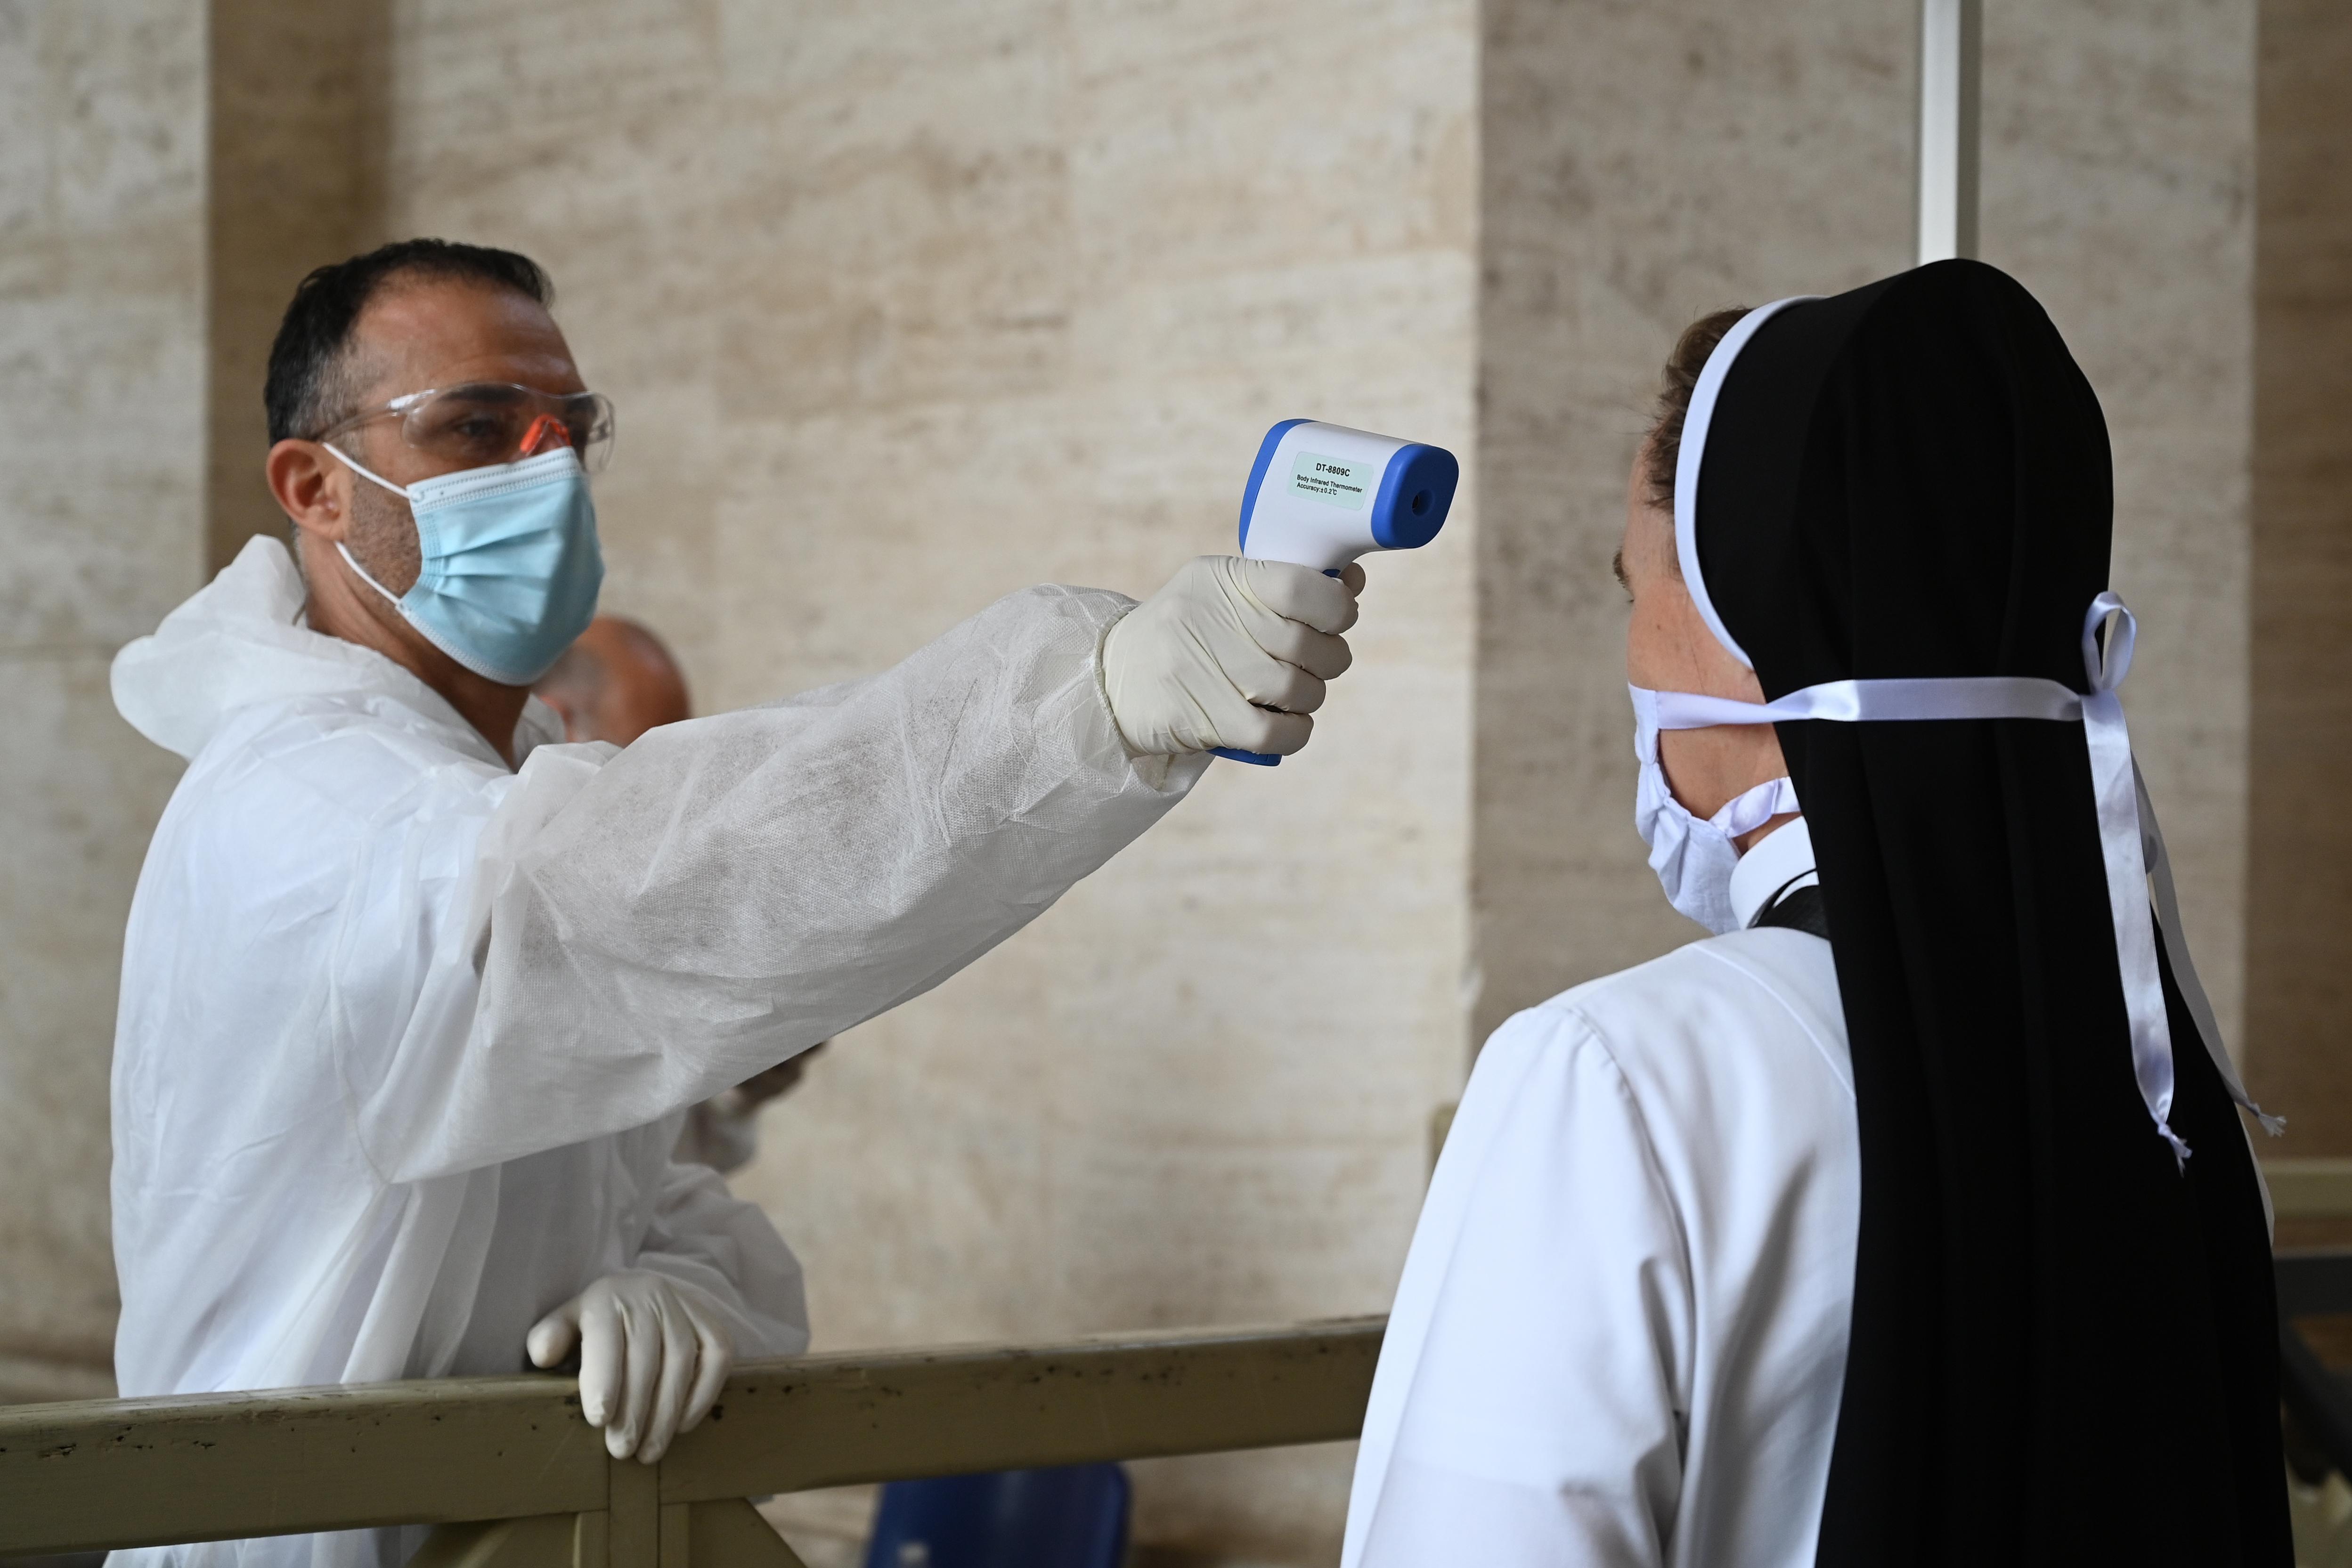 contrôle de température au vatican